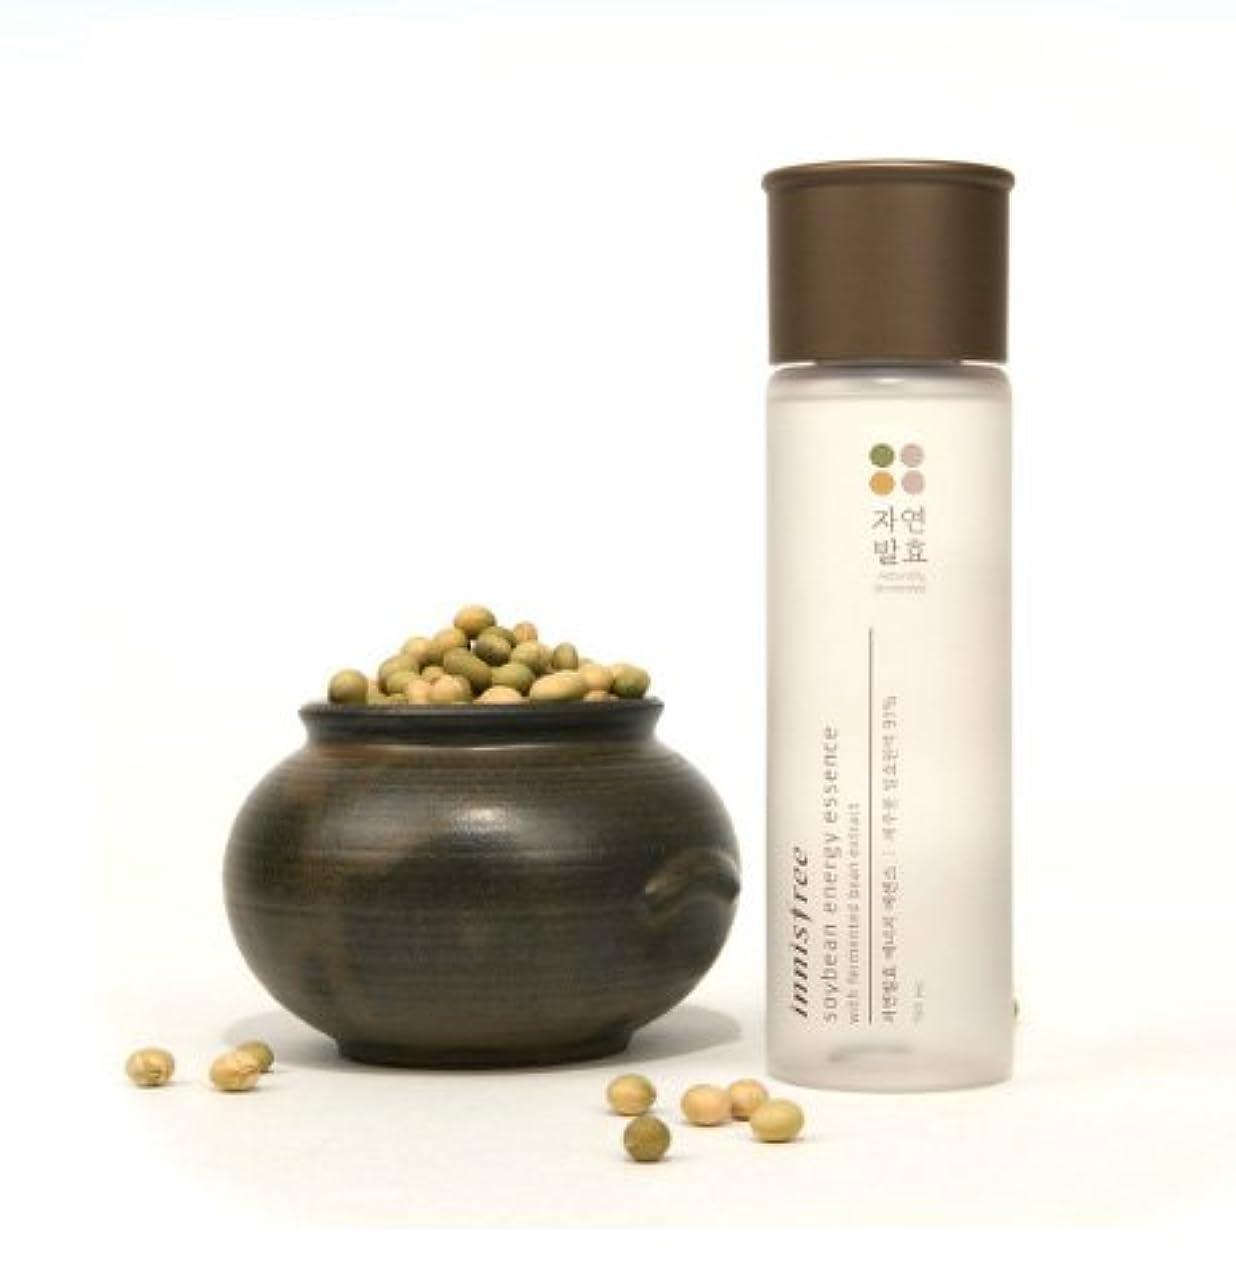 吸収剤ブラザーハリケーン(Innisfree イニスフリー) Soybean energy essence 自然発酵 エナジー エッセンス 美容液 肌のバリア機能を強化し、健やかでパワーあふれる肌へ導くトータルケアブースター美容液